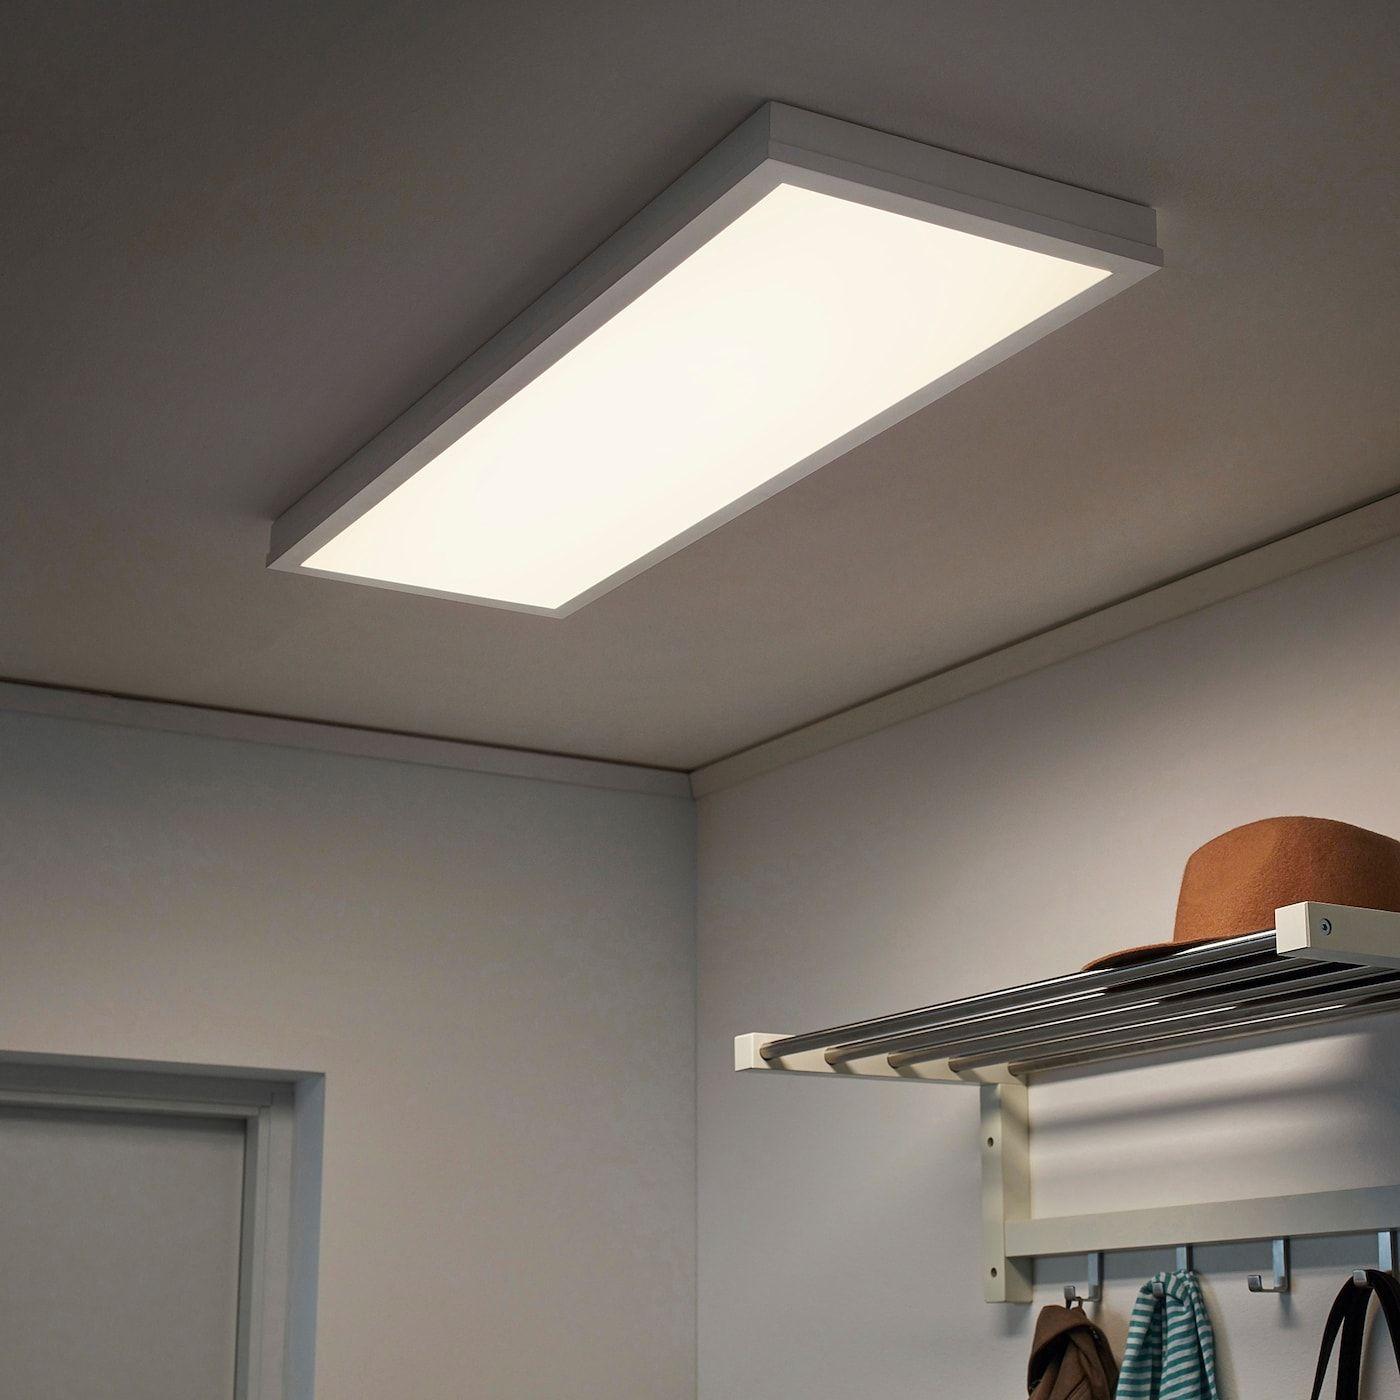 Floalt Led Light Panel Dimmable White Spectrum 12x35 Ikea Led Panel Light Led Lights Light Panel